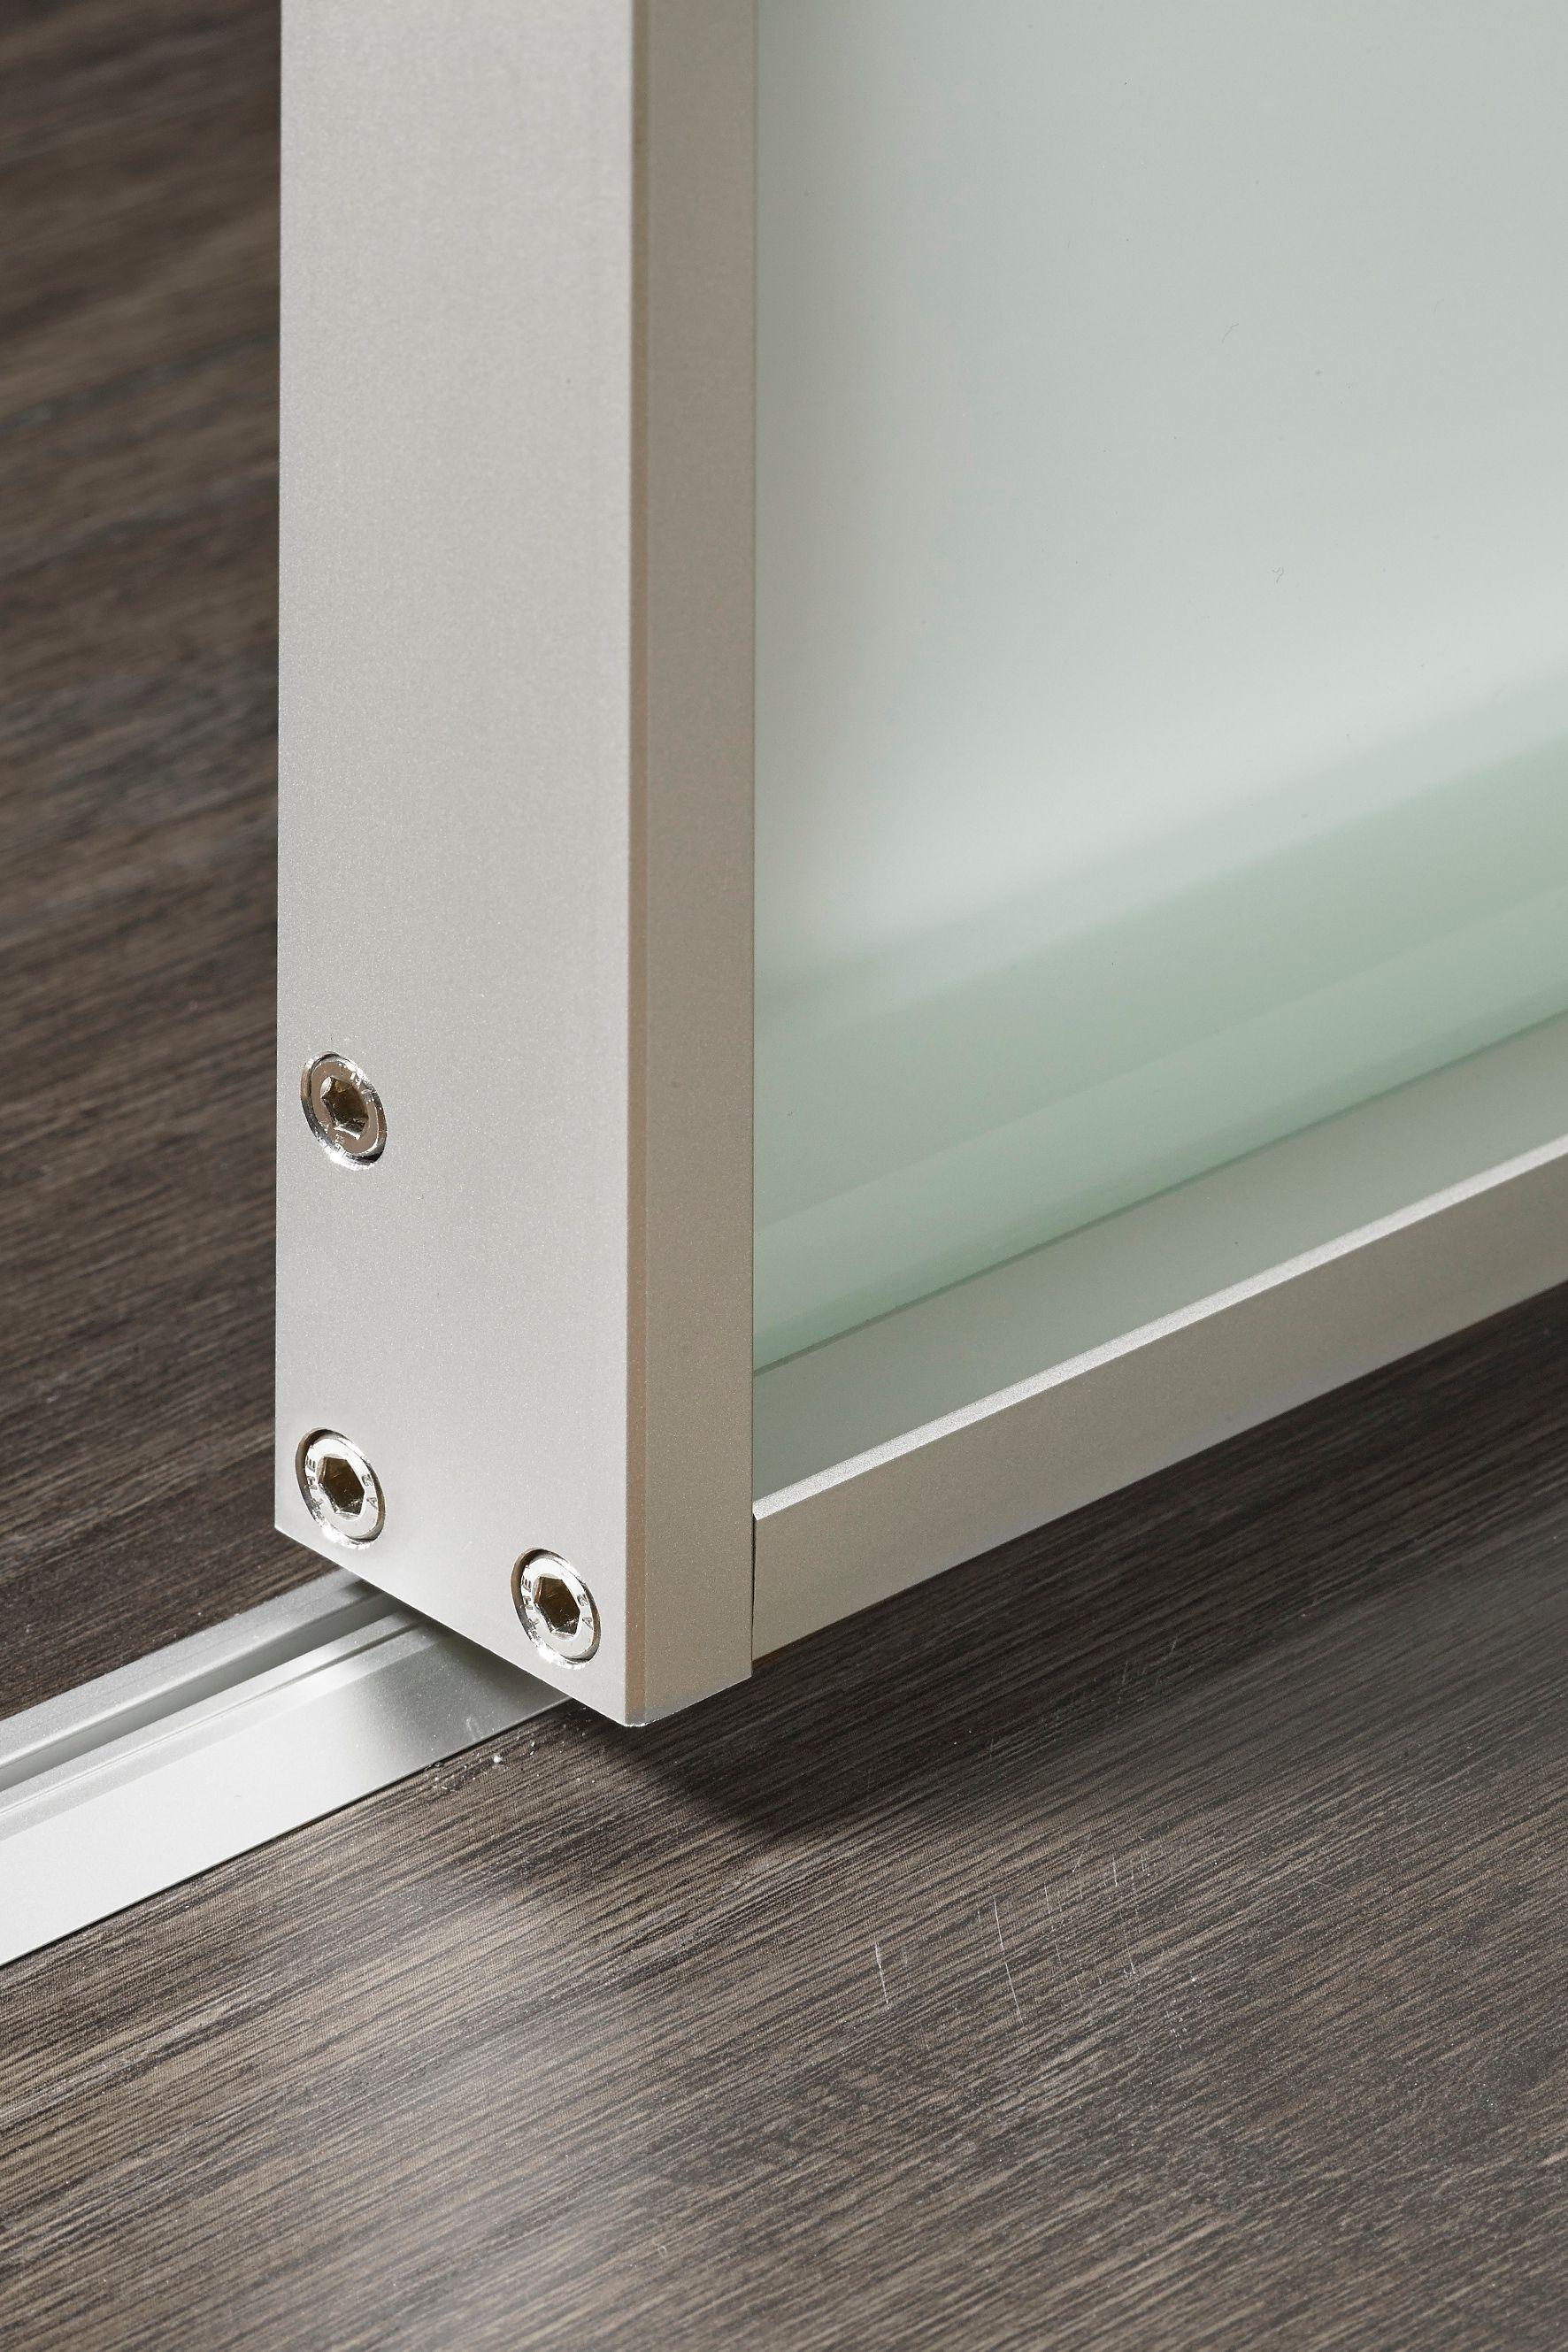 Easy Slide Schiebetur Mit Alurahmen Vsg Milchglas Space 1 In